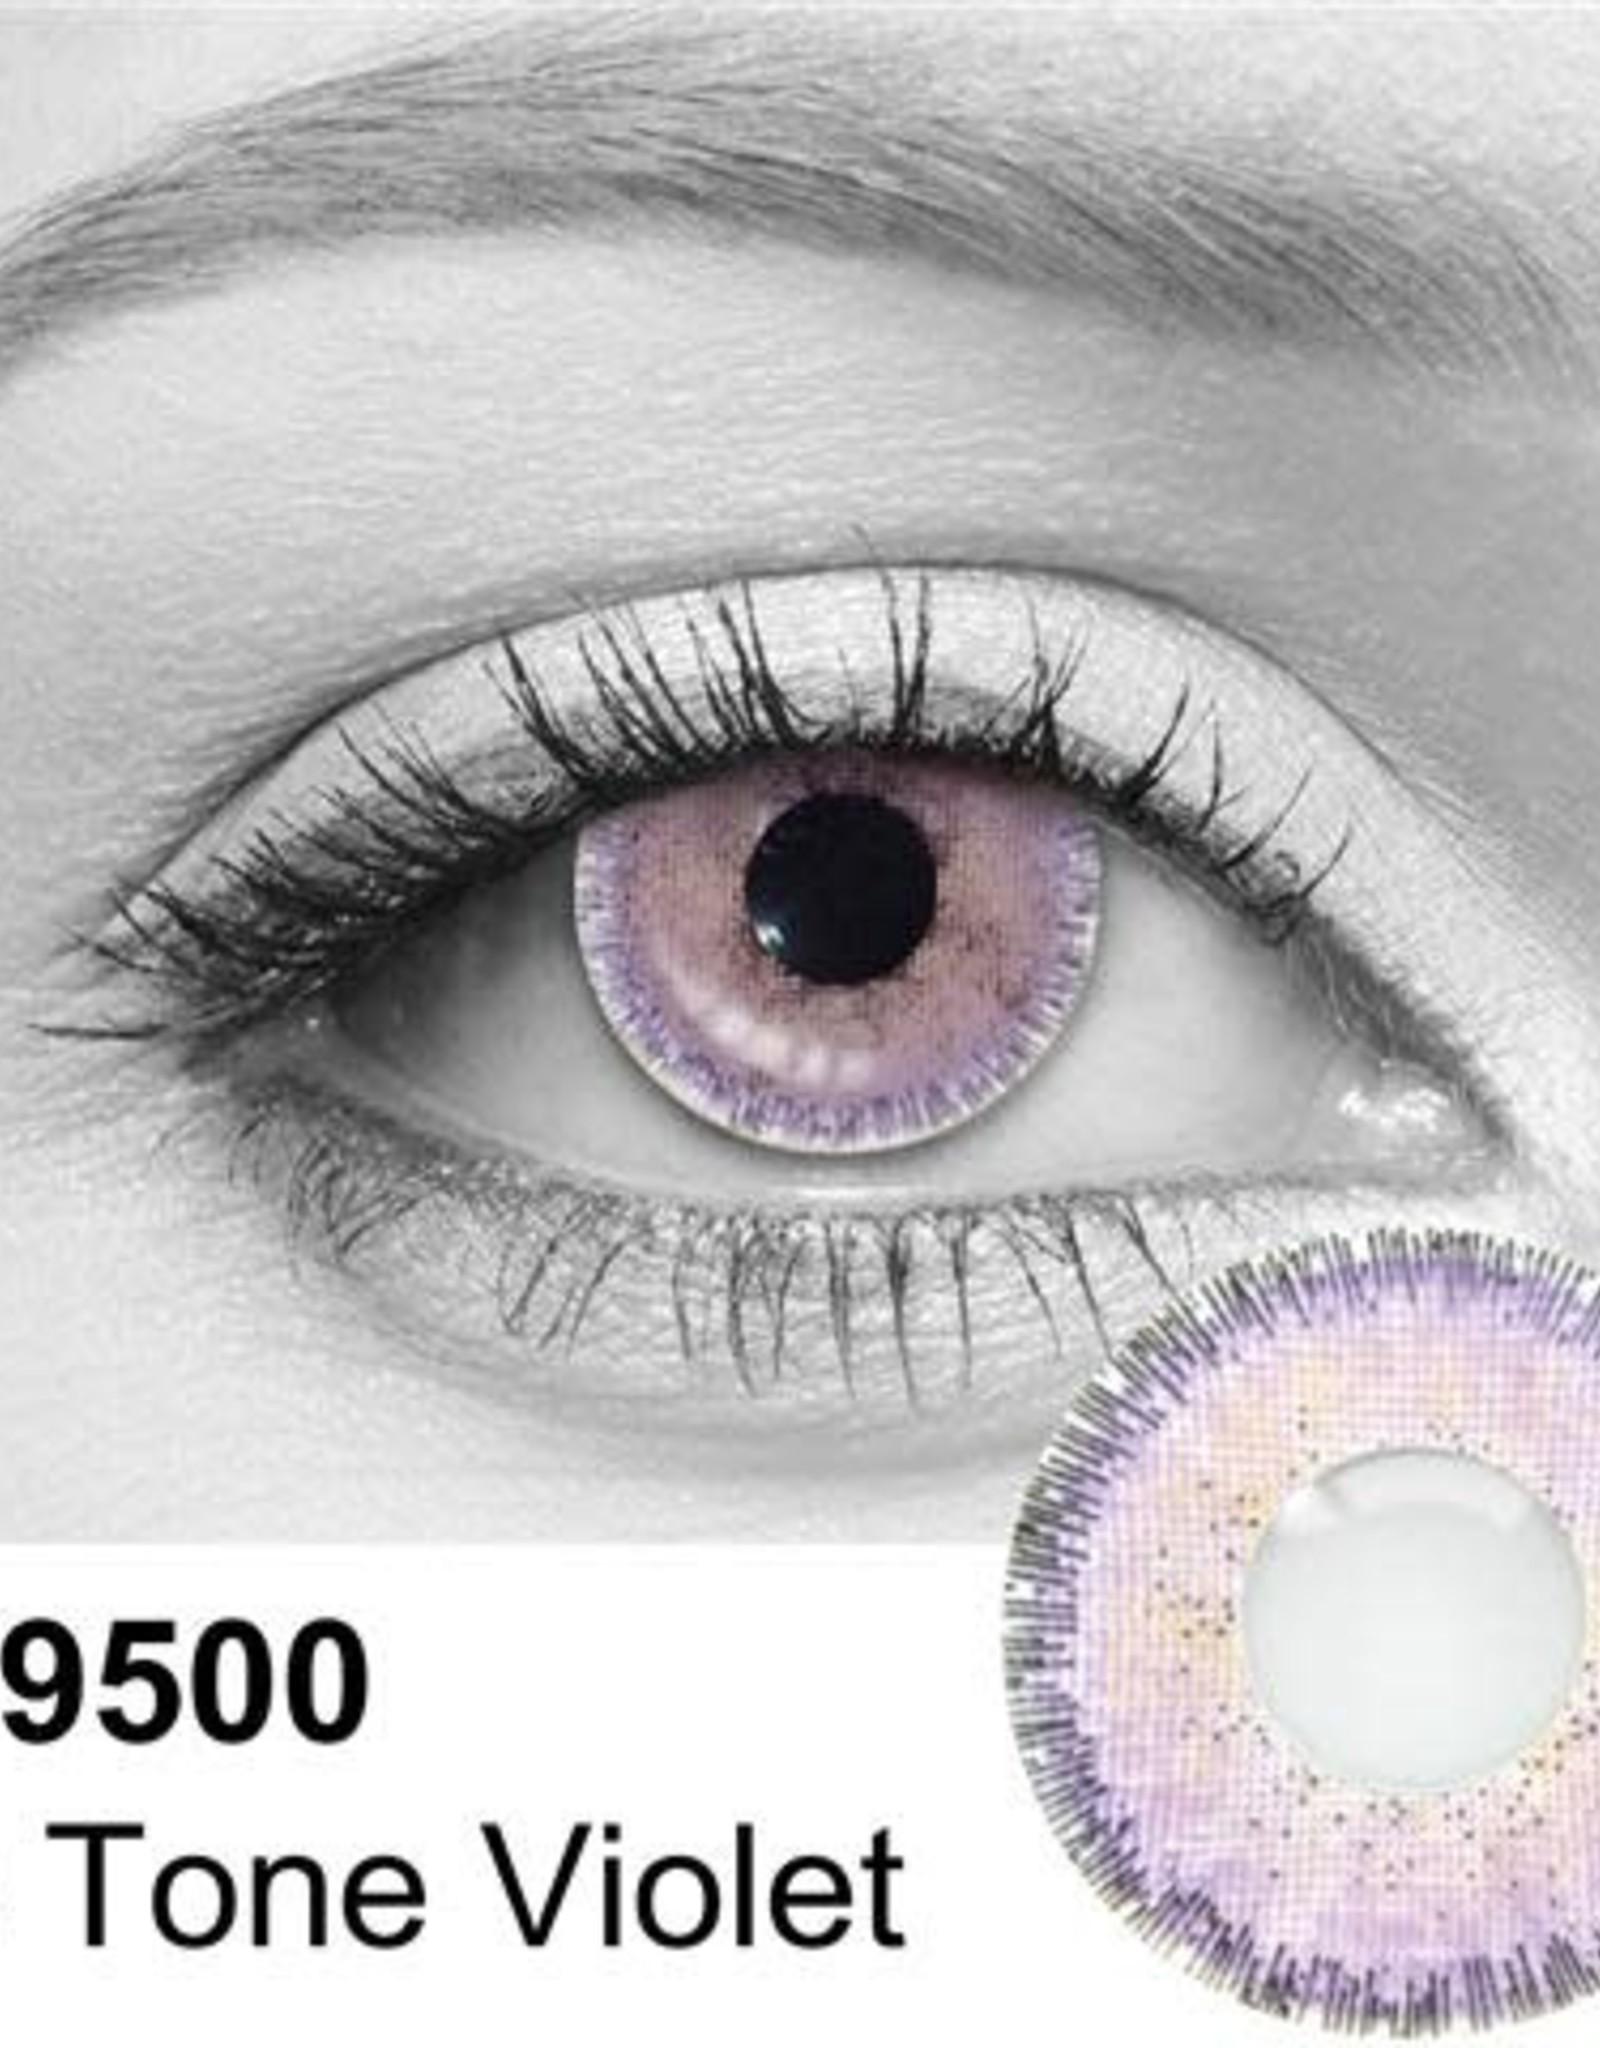 3 Tone Violet Contact Lenses